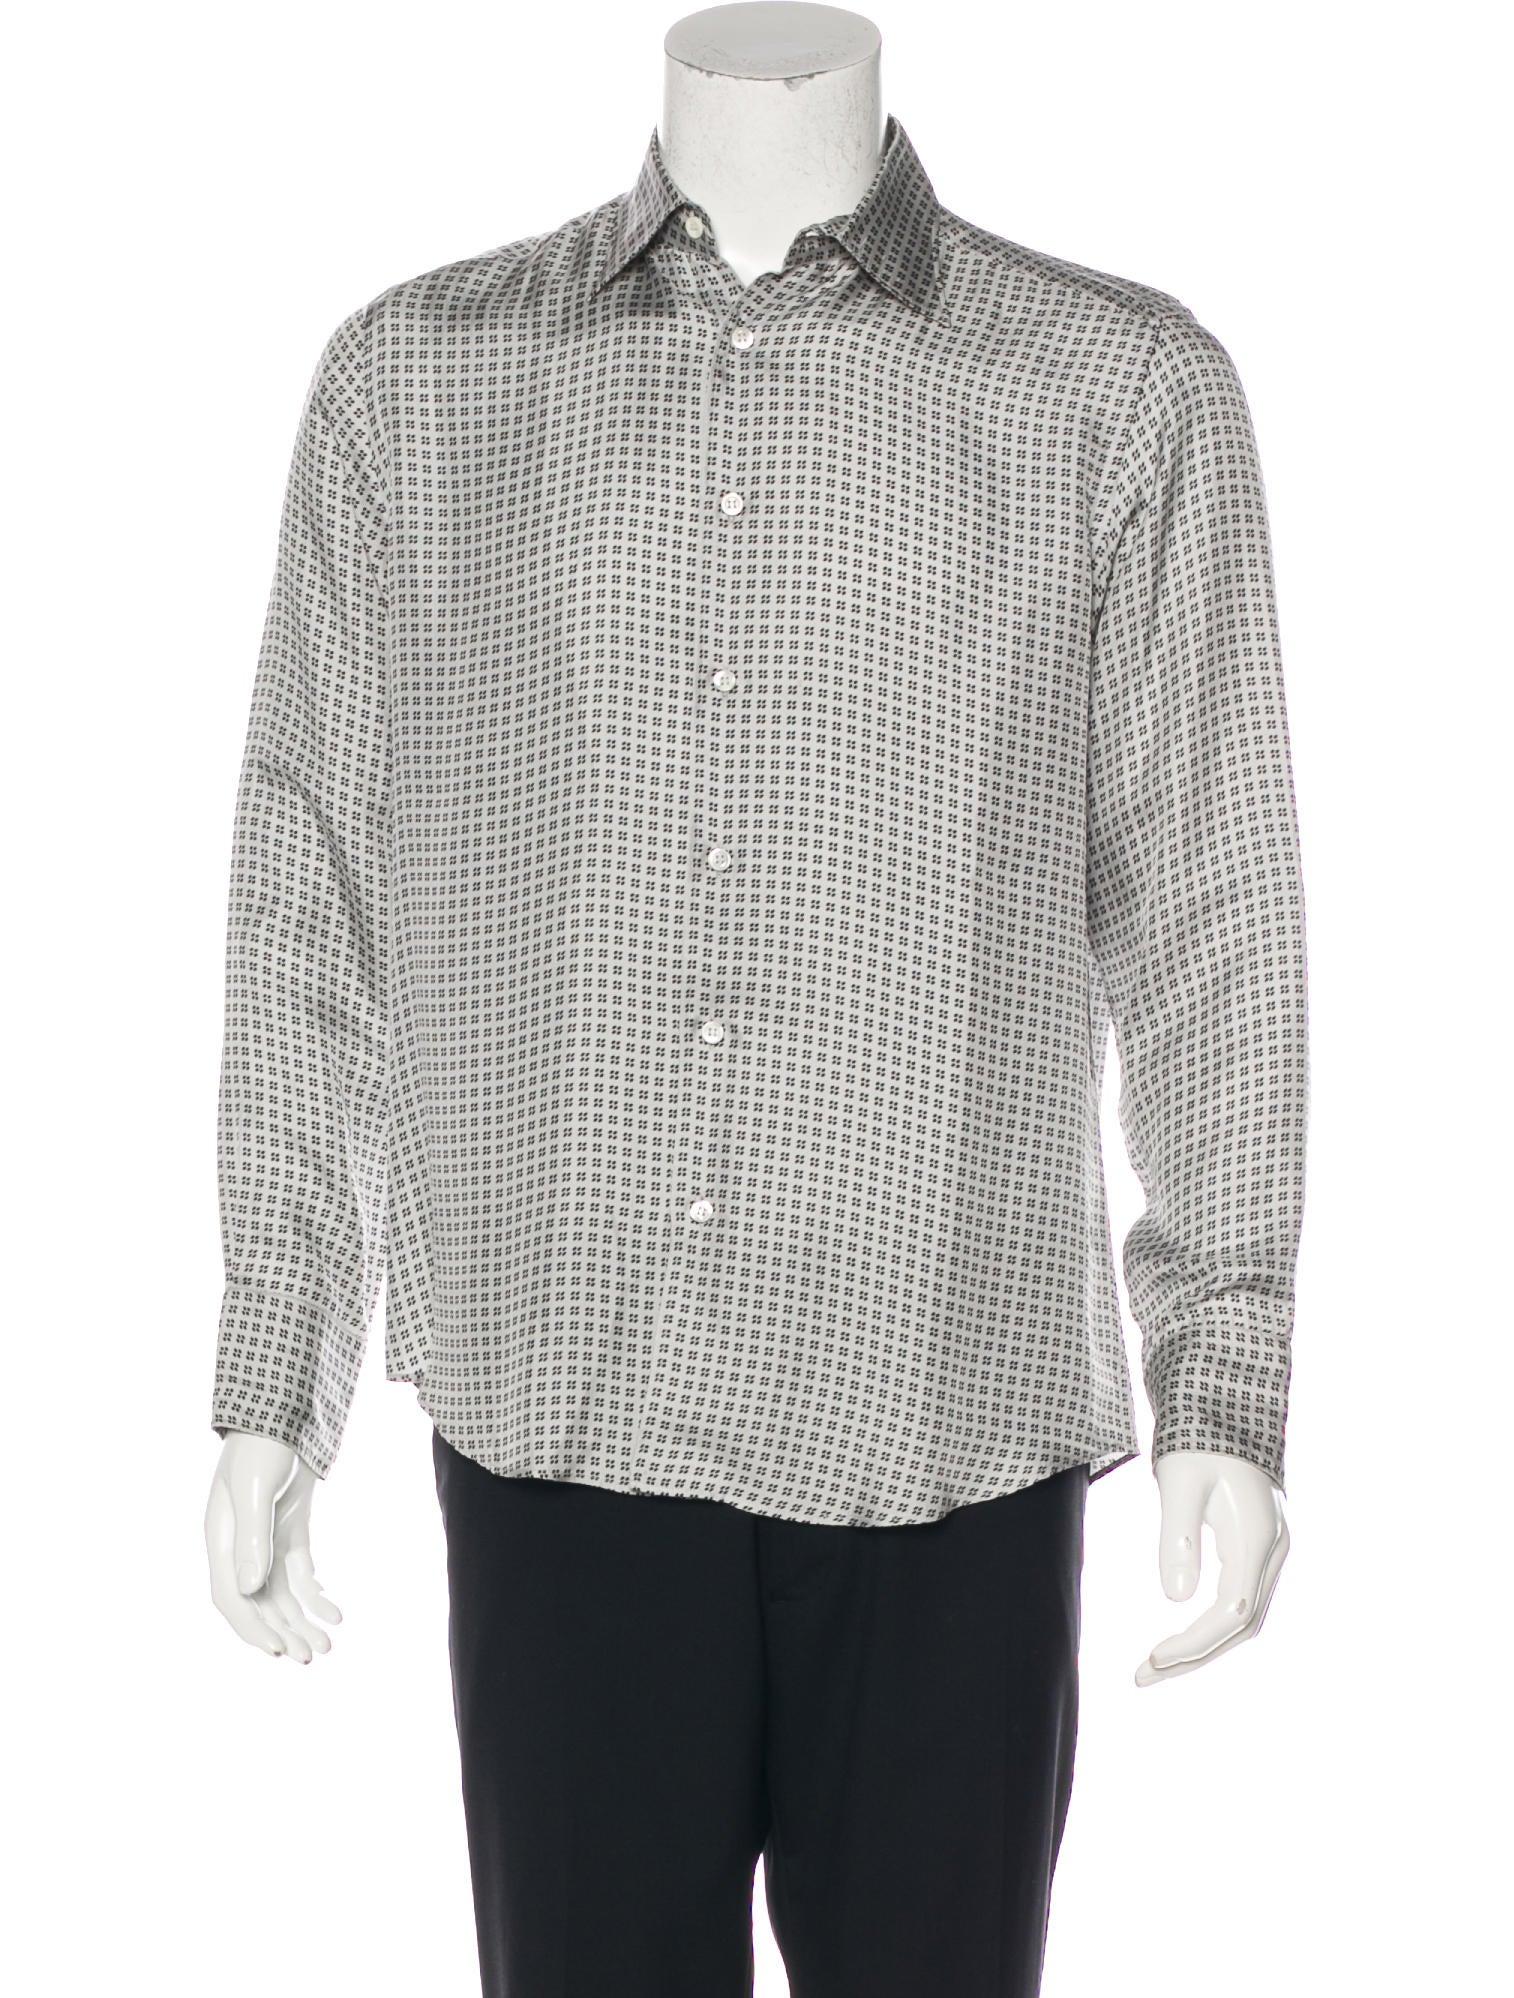 9361e64474e21e Armani collezioni patterned silk shirt clothing arr jpg 1514x1998 Patterned  silk shirt